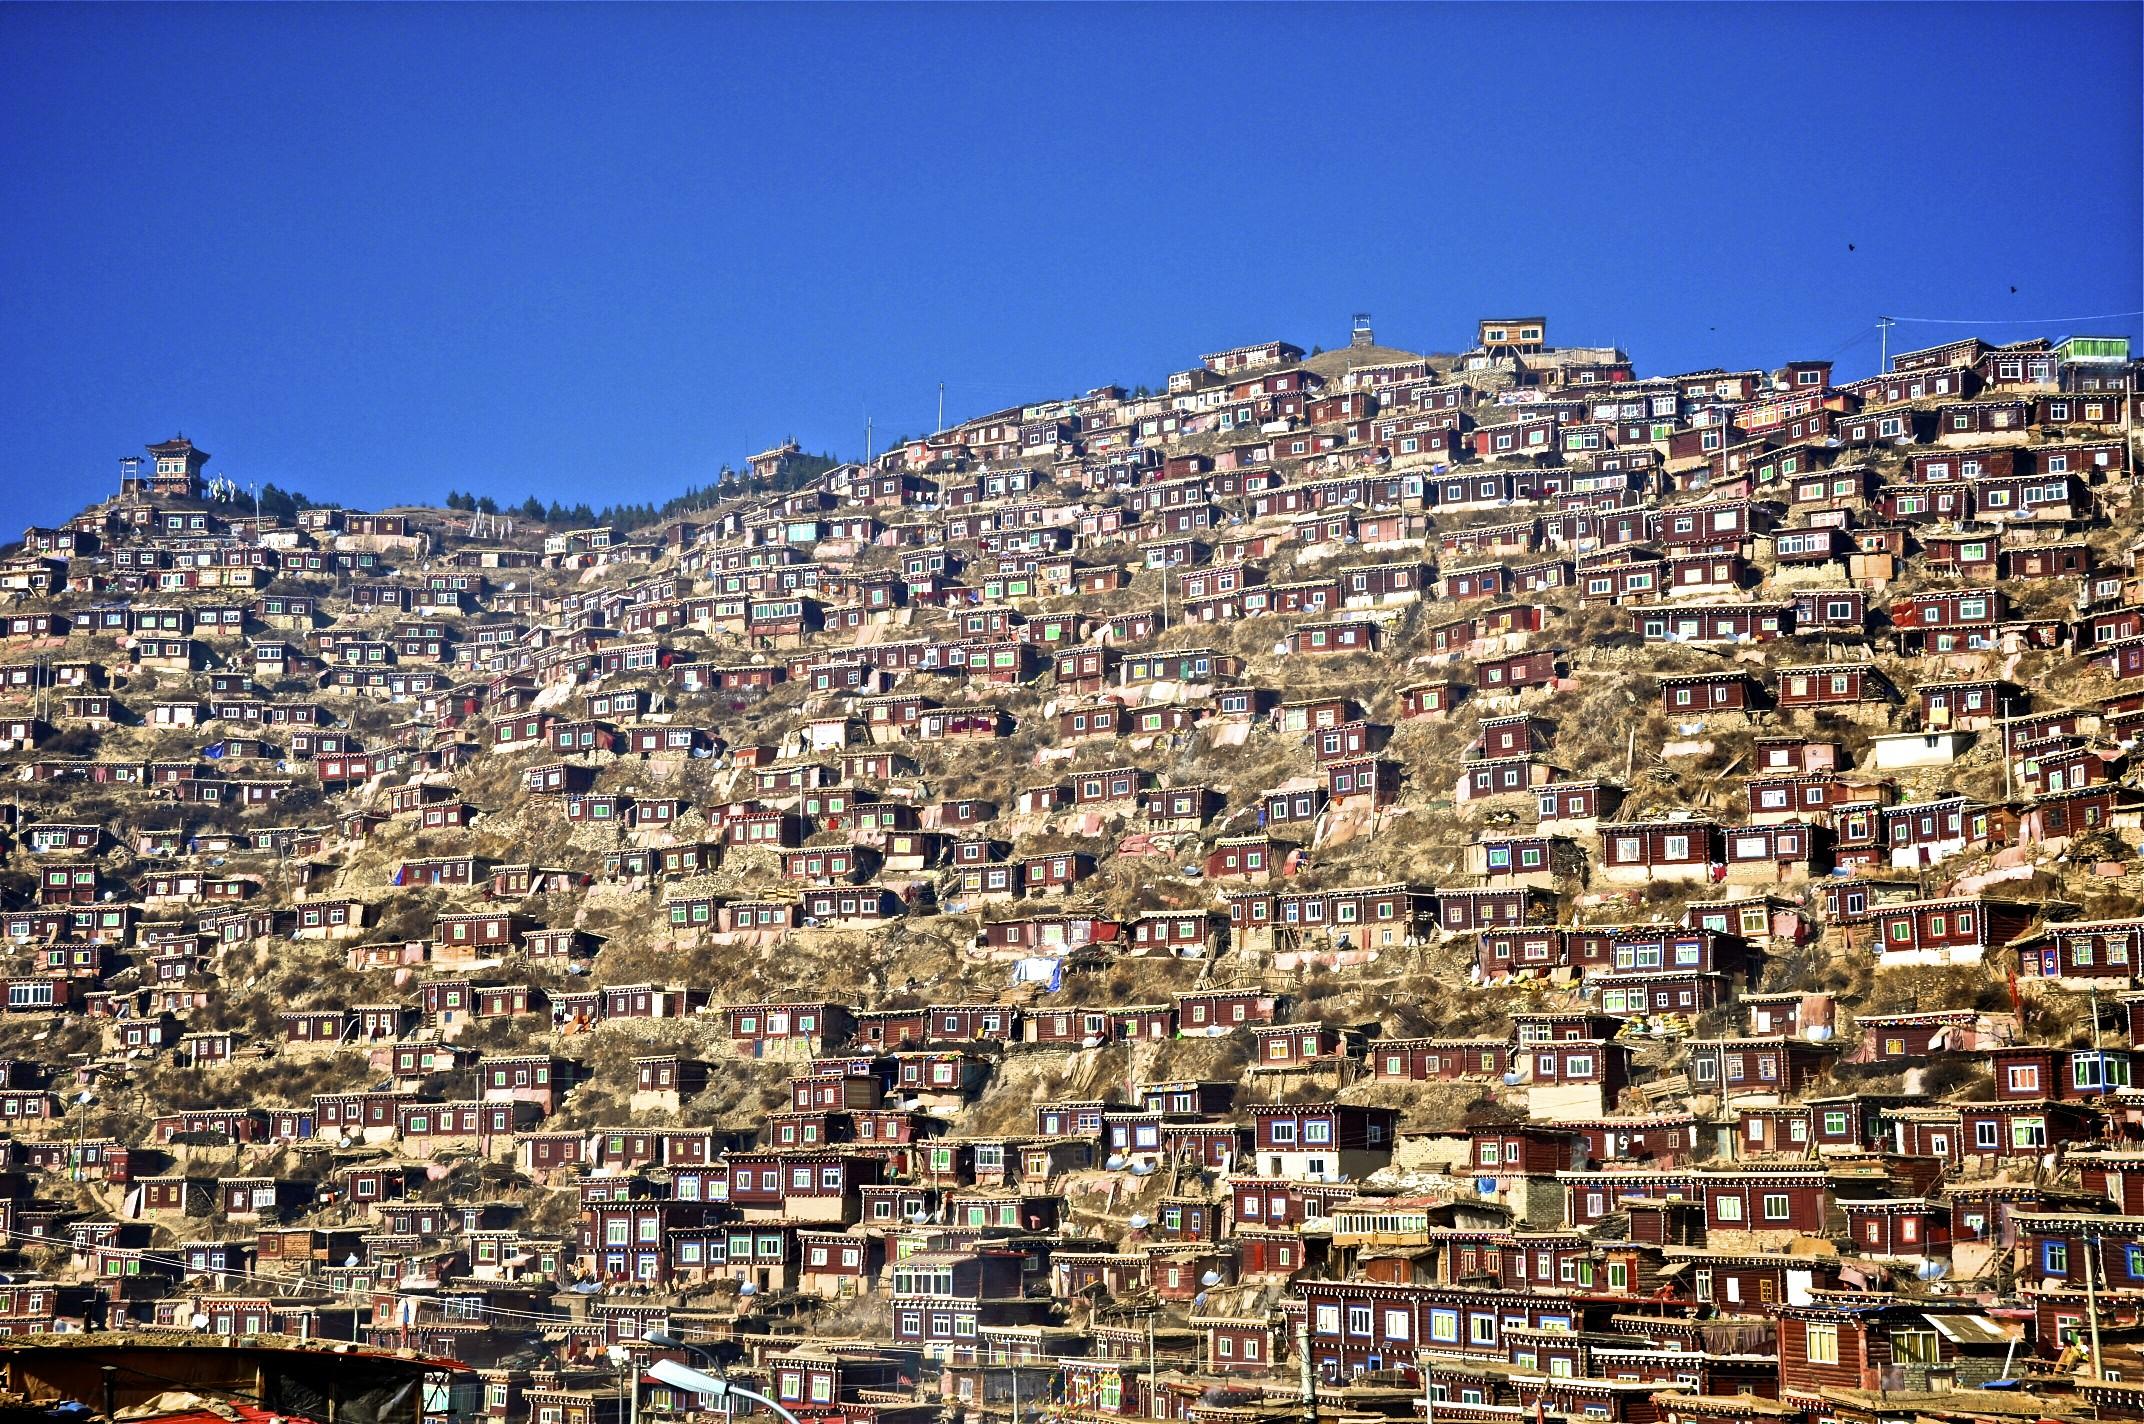 L'Istitituto buddista di Larung Gar, un caso internazionale sconosciuto